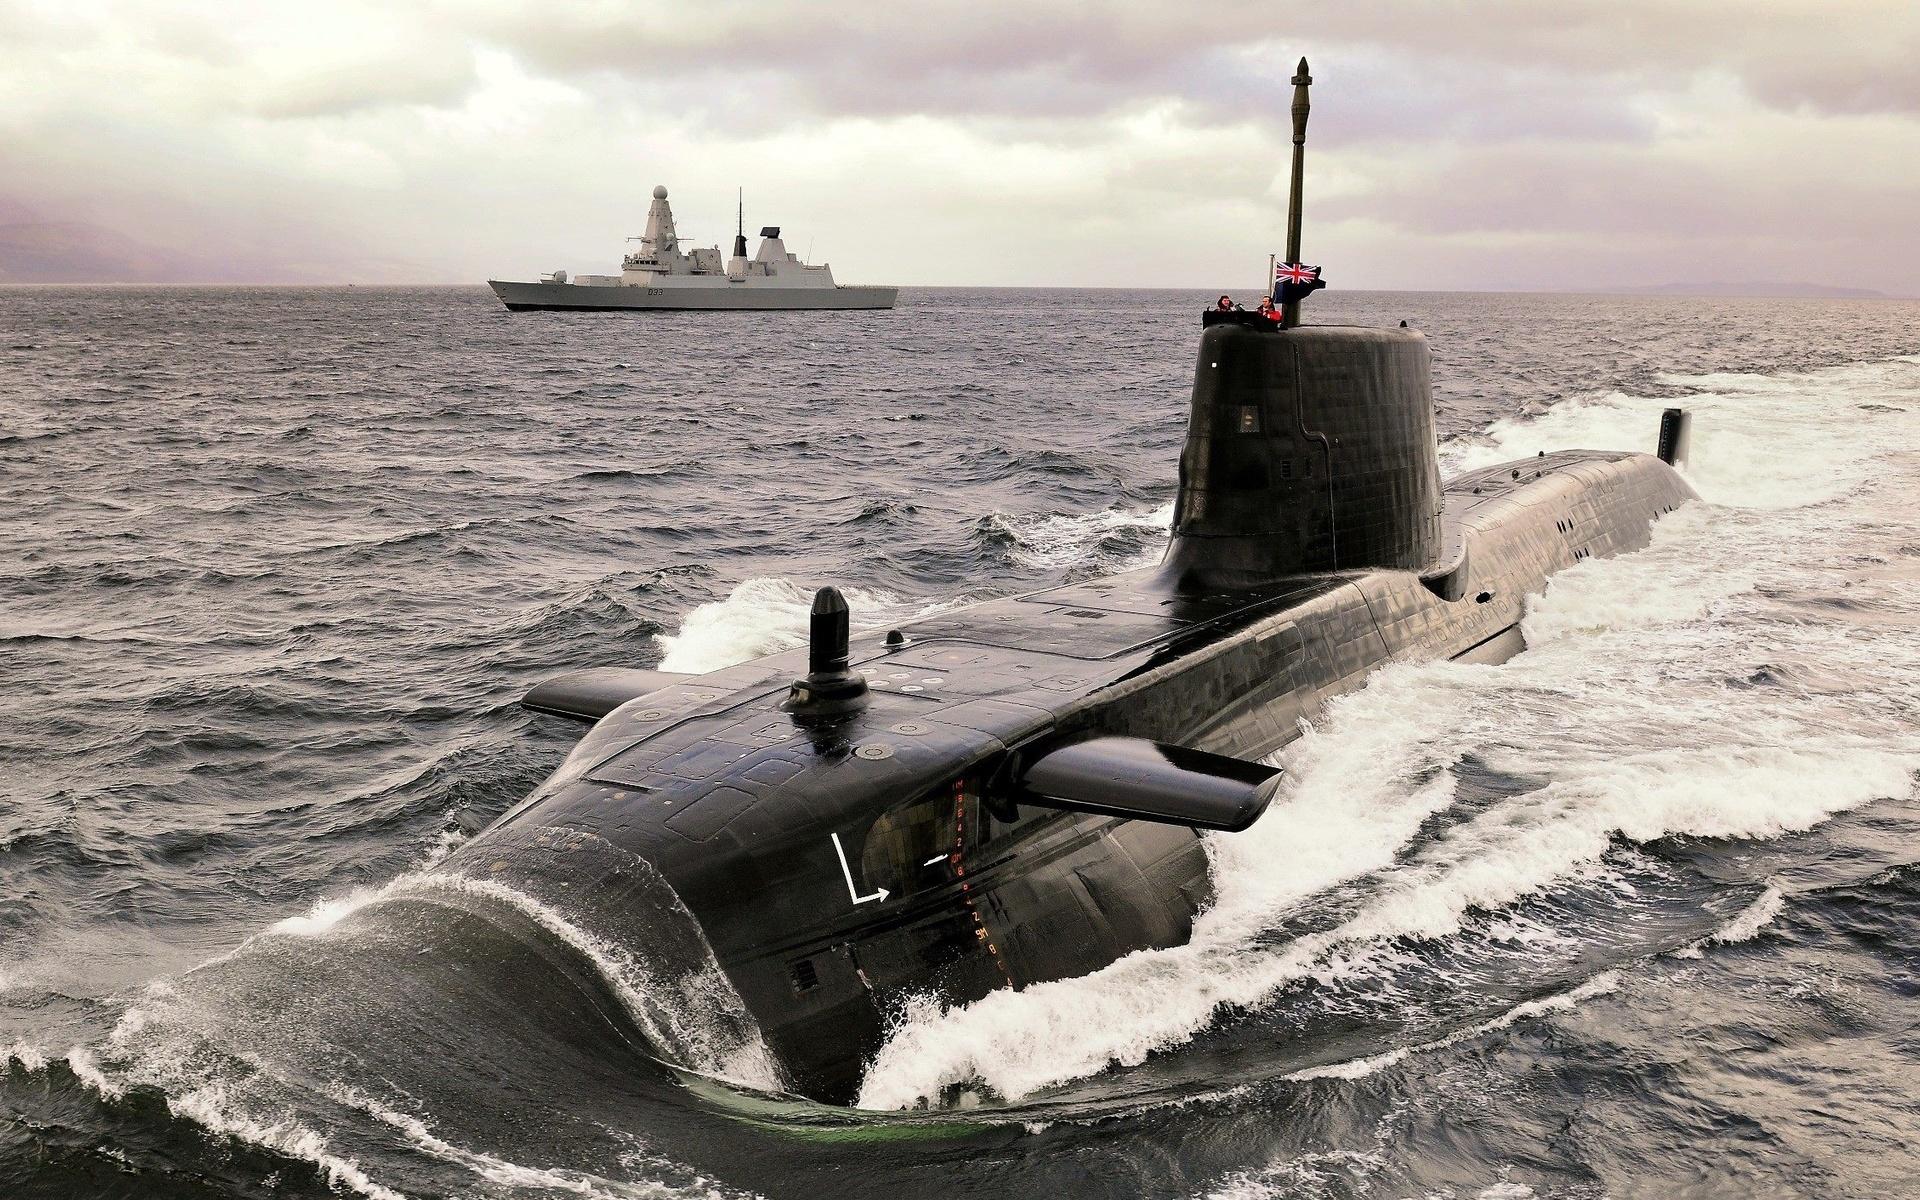 изготовим для российский подводный флот в фотографиях потерялись хотим, чтобы